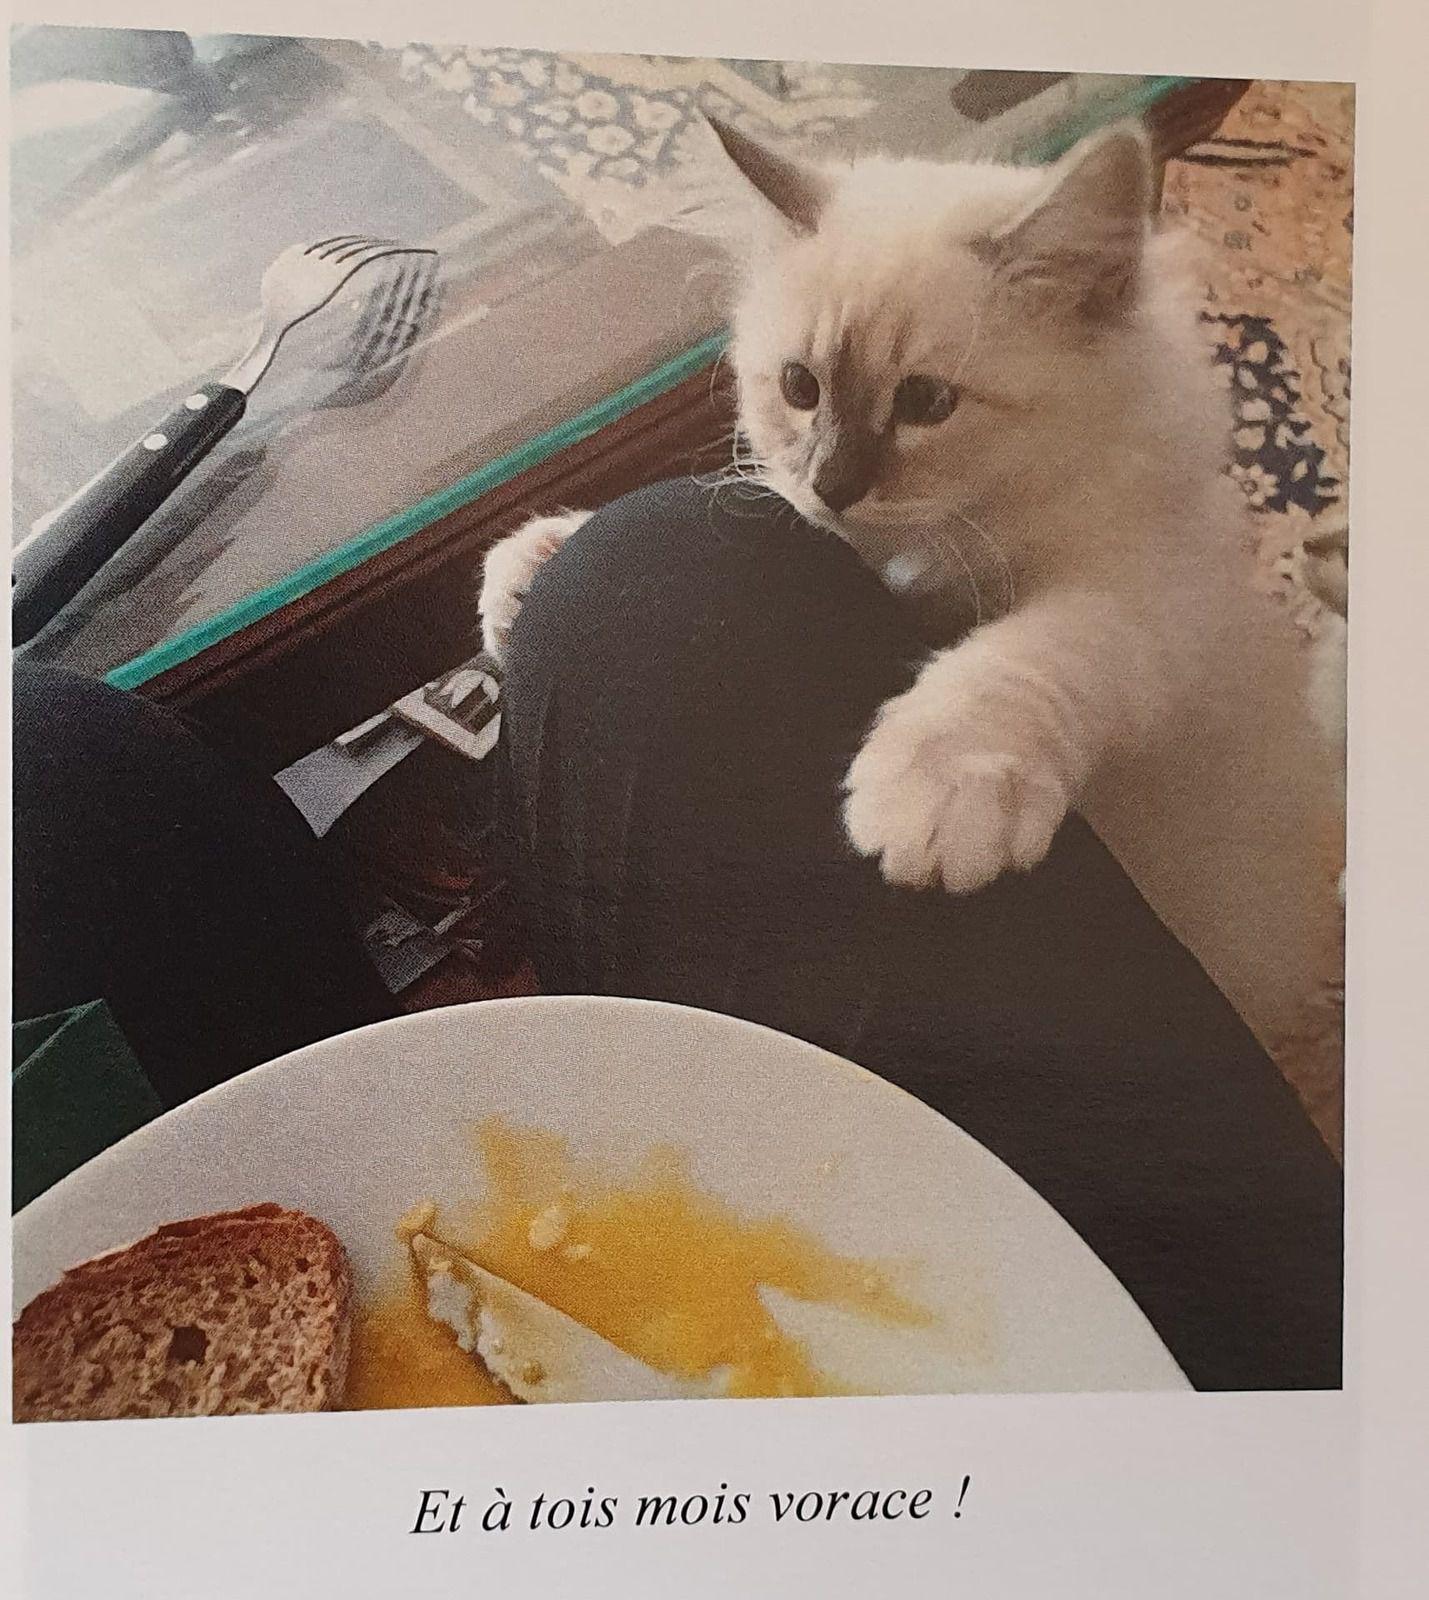 Tous les chats de ma vie, Editions des coussinets